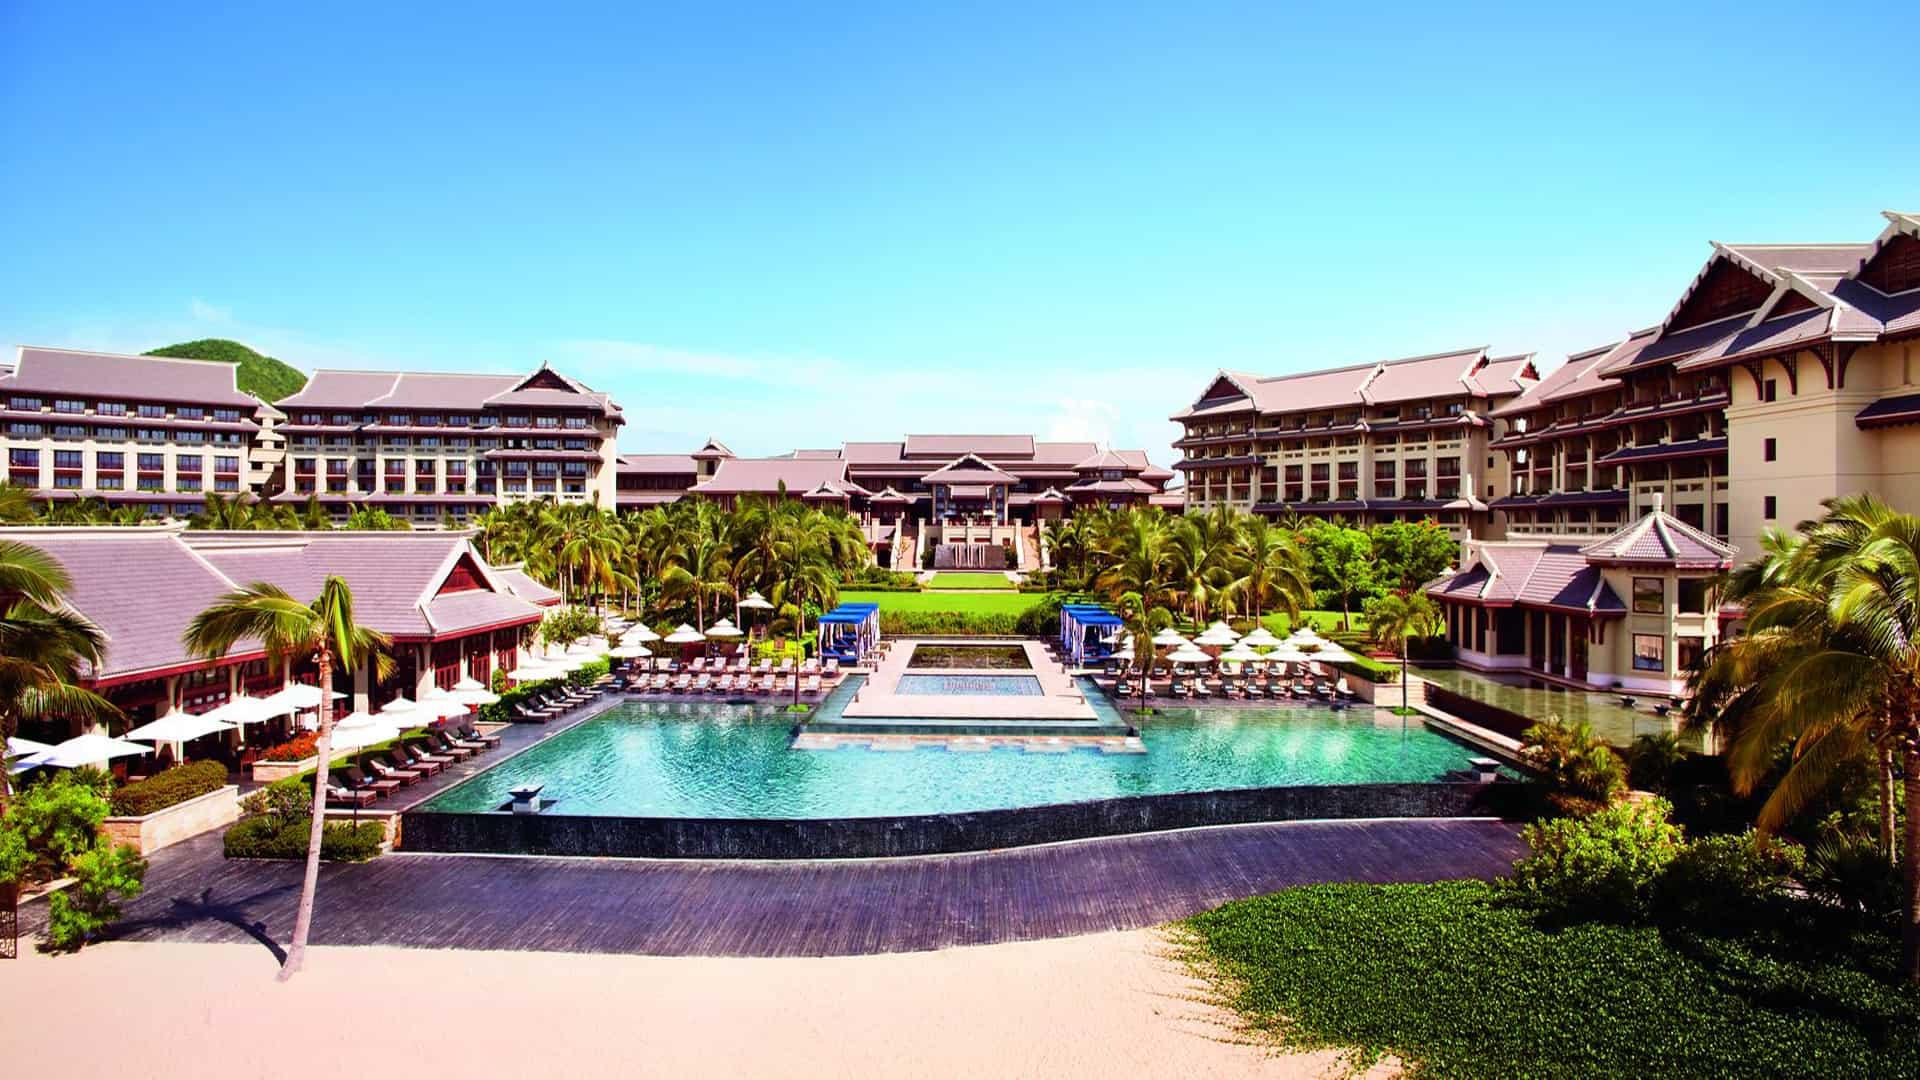 The Ritz Carlton Sanya